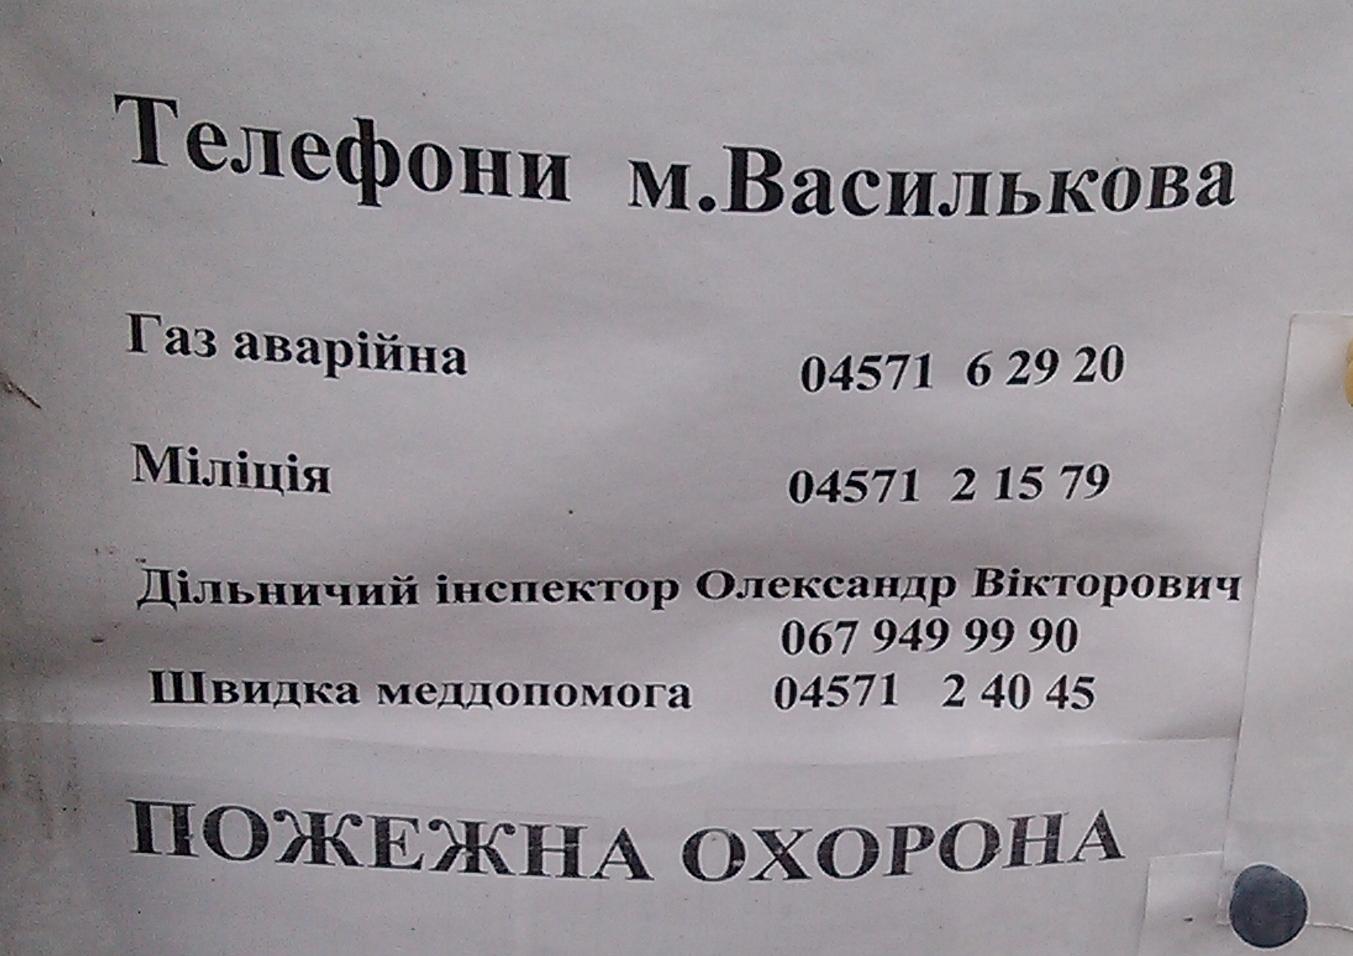 polezniye_telefony_Vasilkov